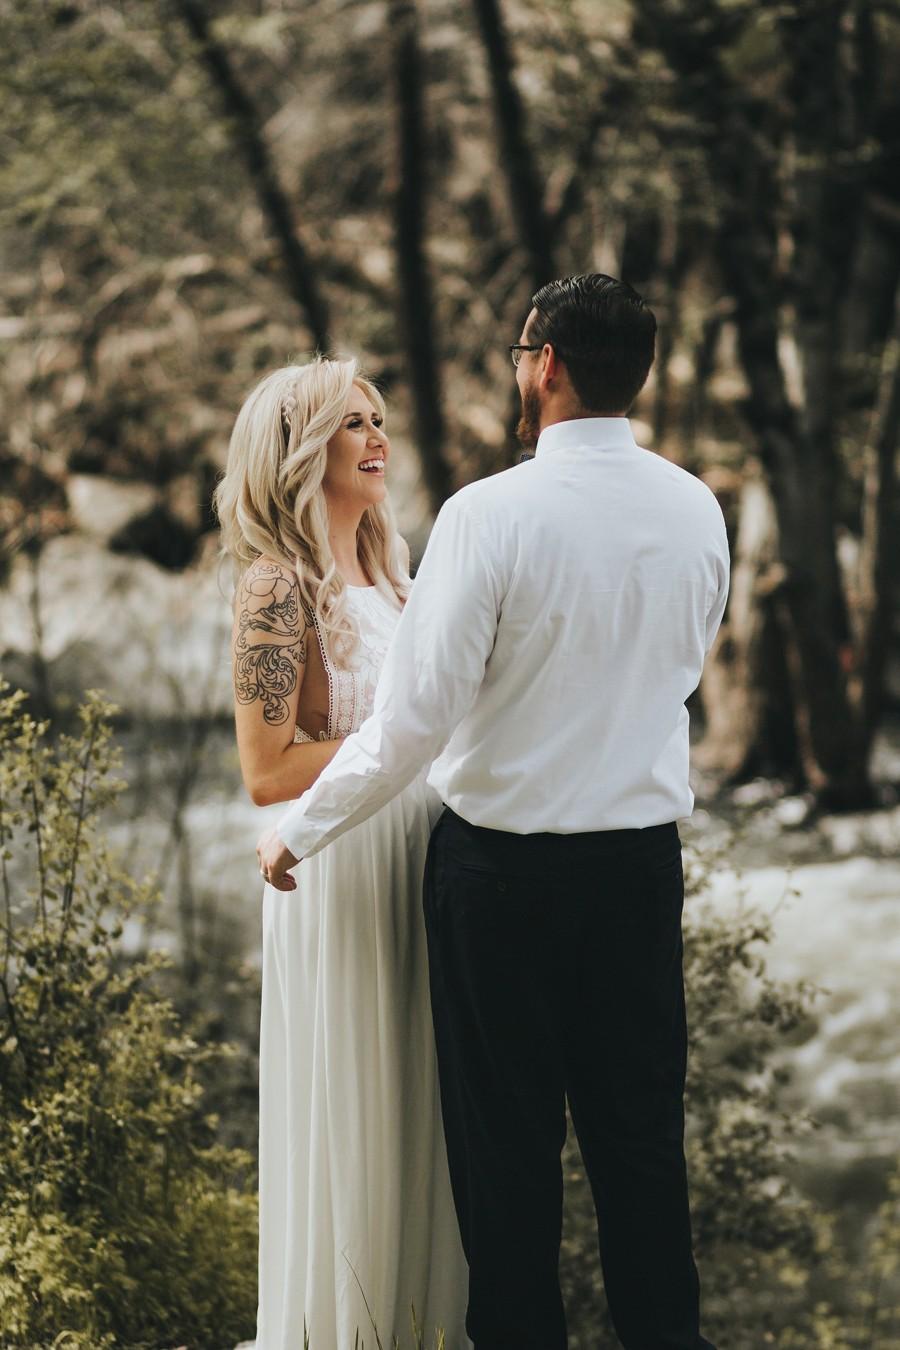 Boho svatba se obejde bez obleků a korzetových šatů. V kurzu je naopak ležérní styl.